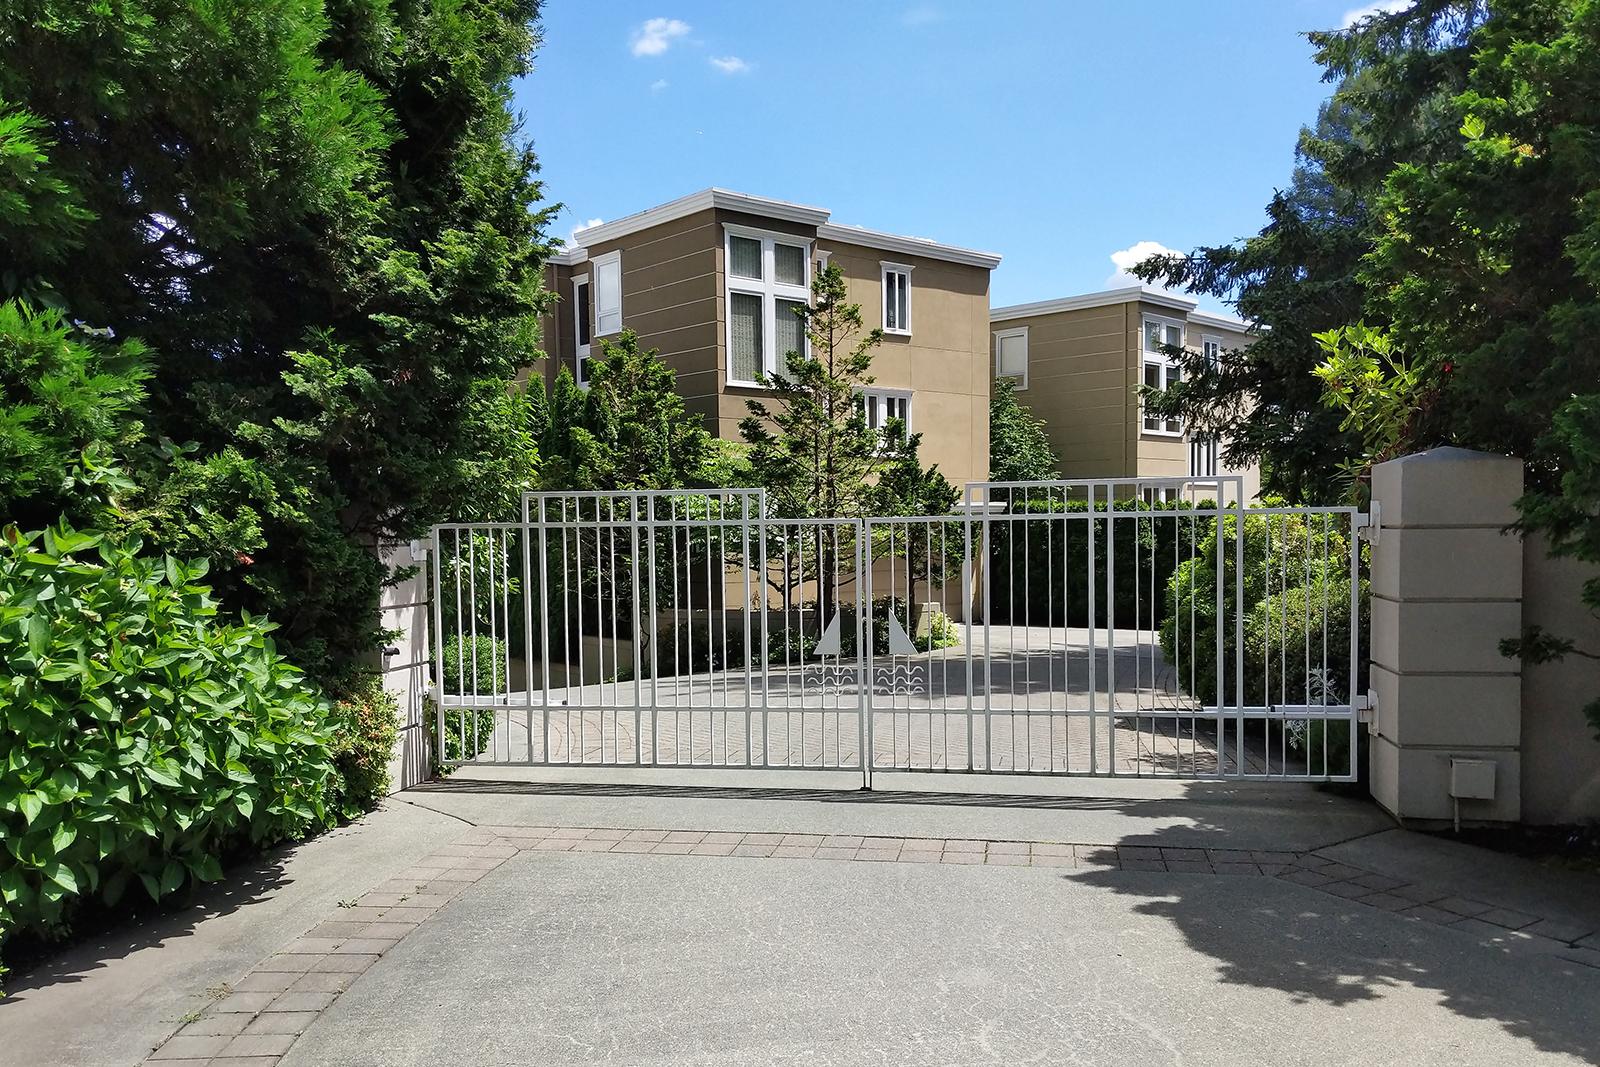 1 Gate-med.jpg .jpg